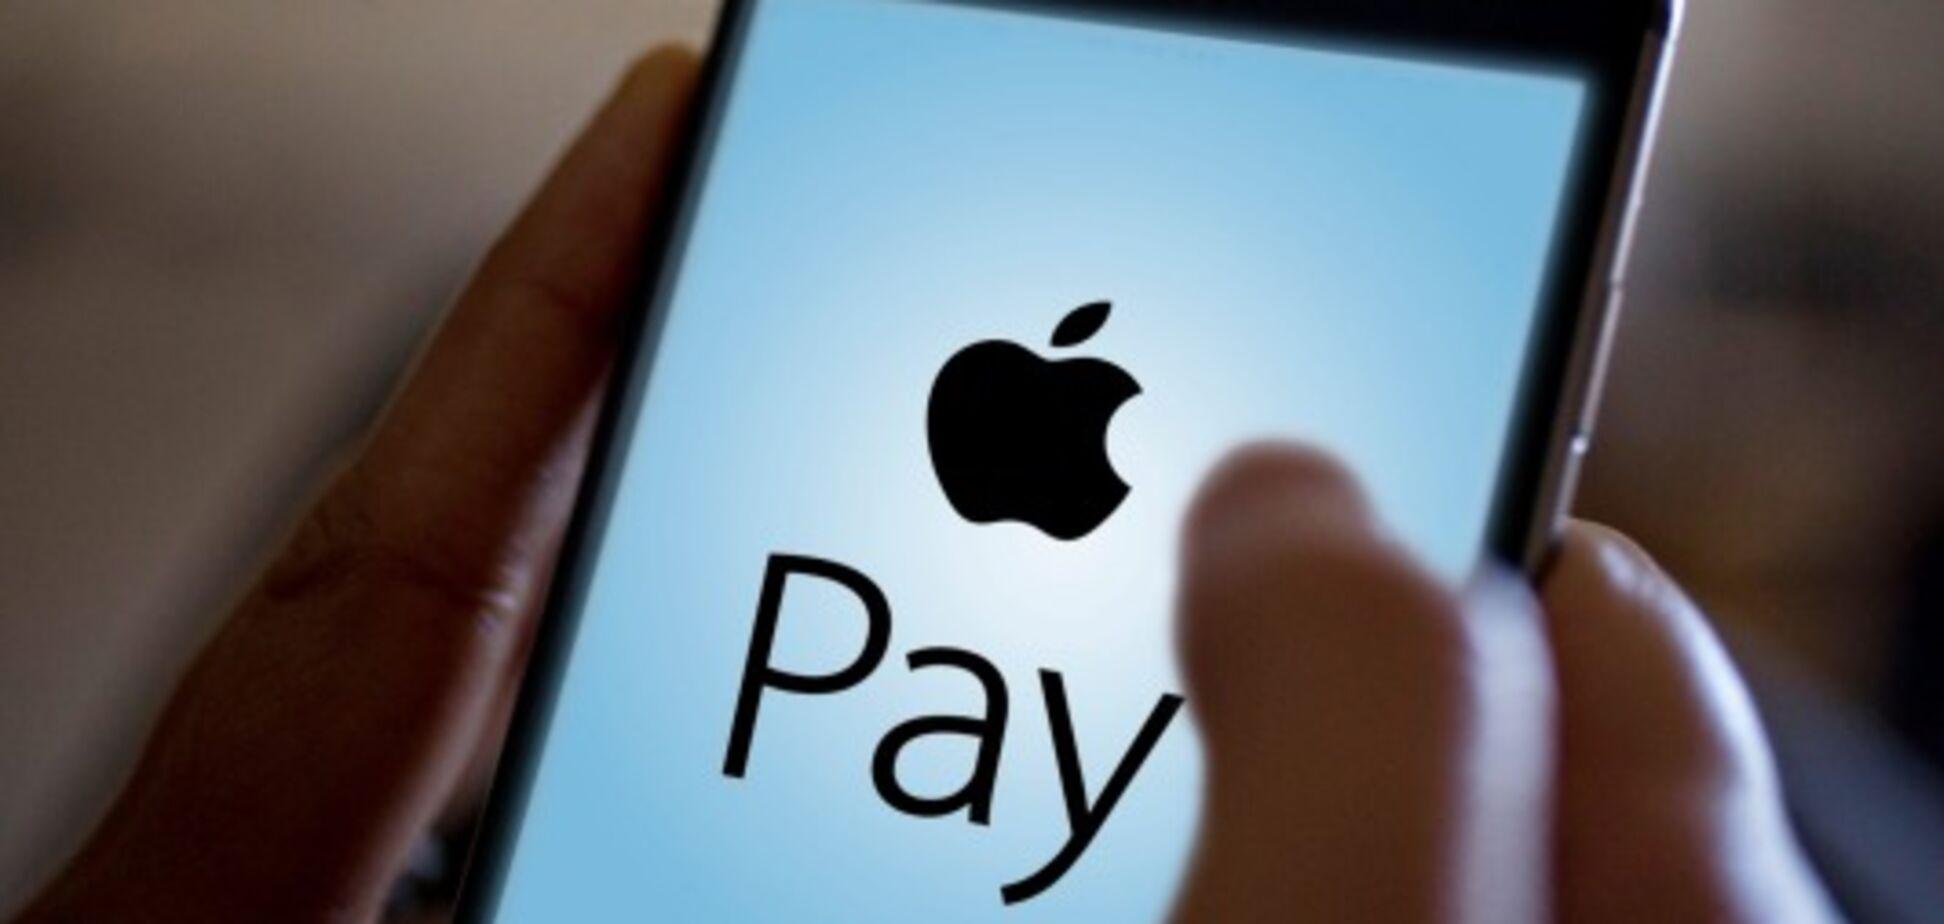 Україна на рівні Норвегії: Тім Кук заявив про Apple Pay